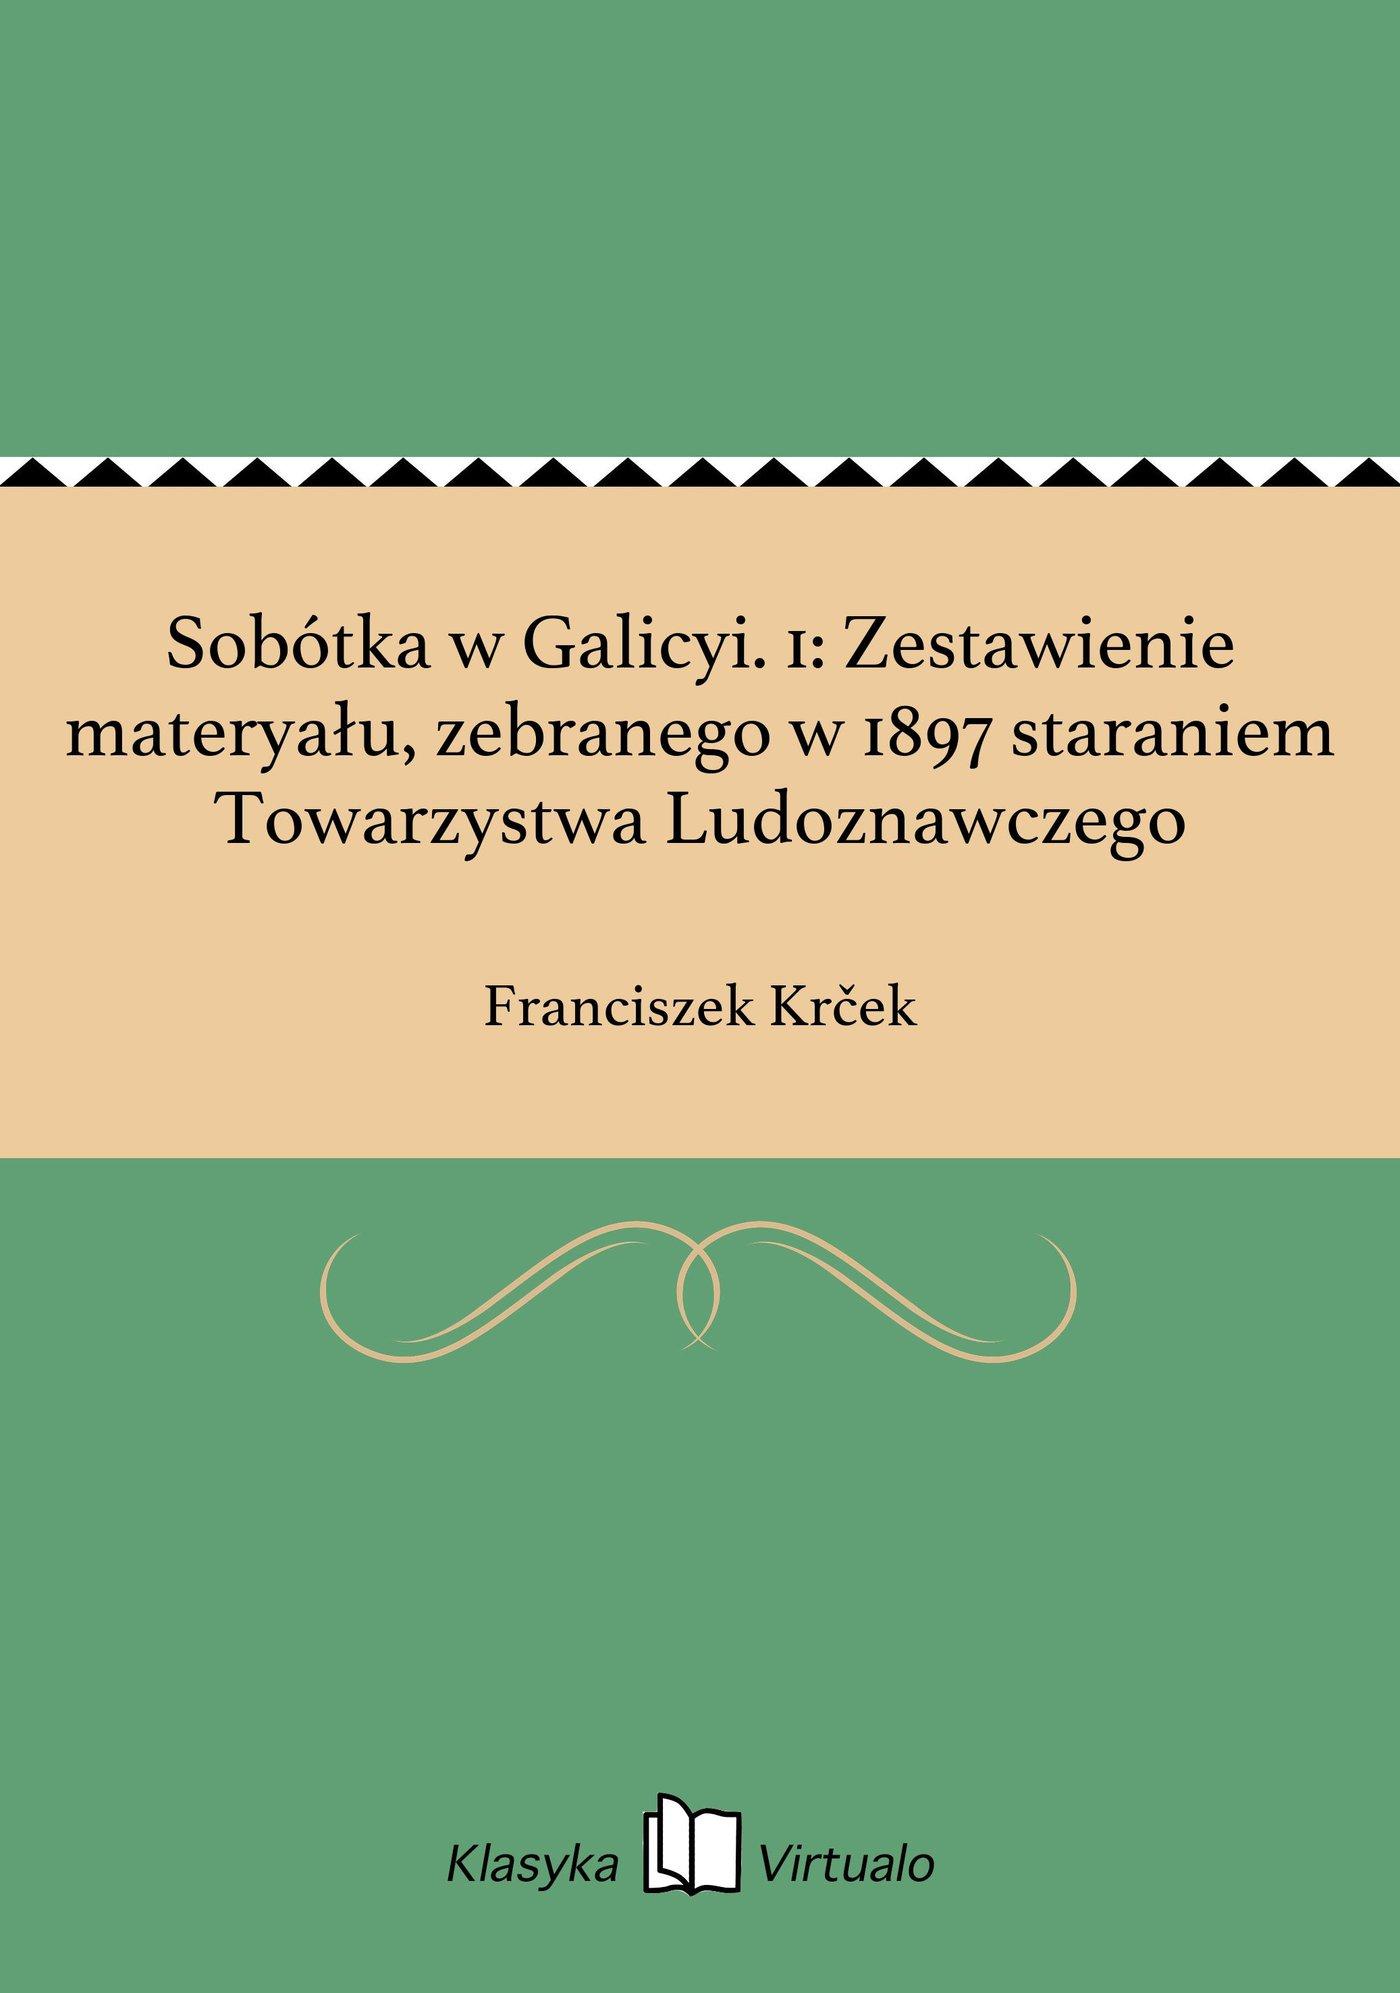 Sobótka w Galicyi. 1: Zestawienie materyału, zebranego w 1897 staraniem Towarzystwa Ludoznawczego - Ebook (Książka na Kindle) do pobrania w formacie MOBI